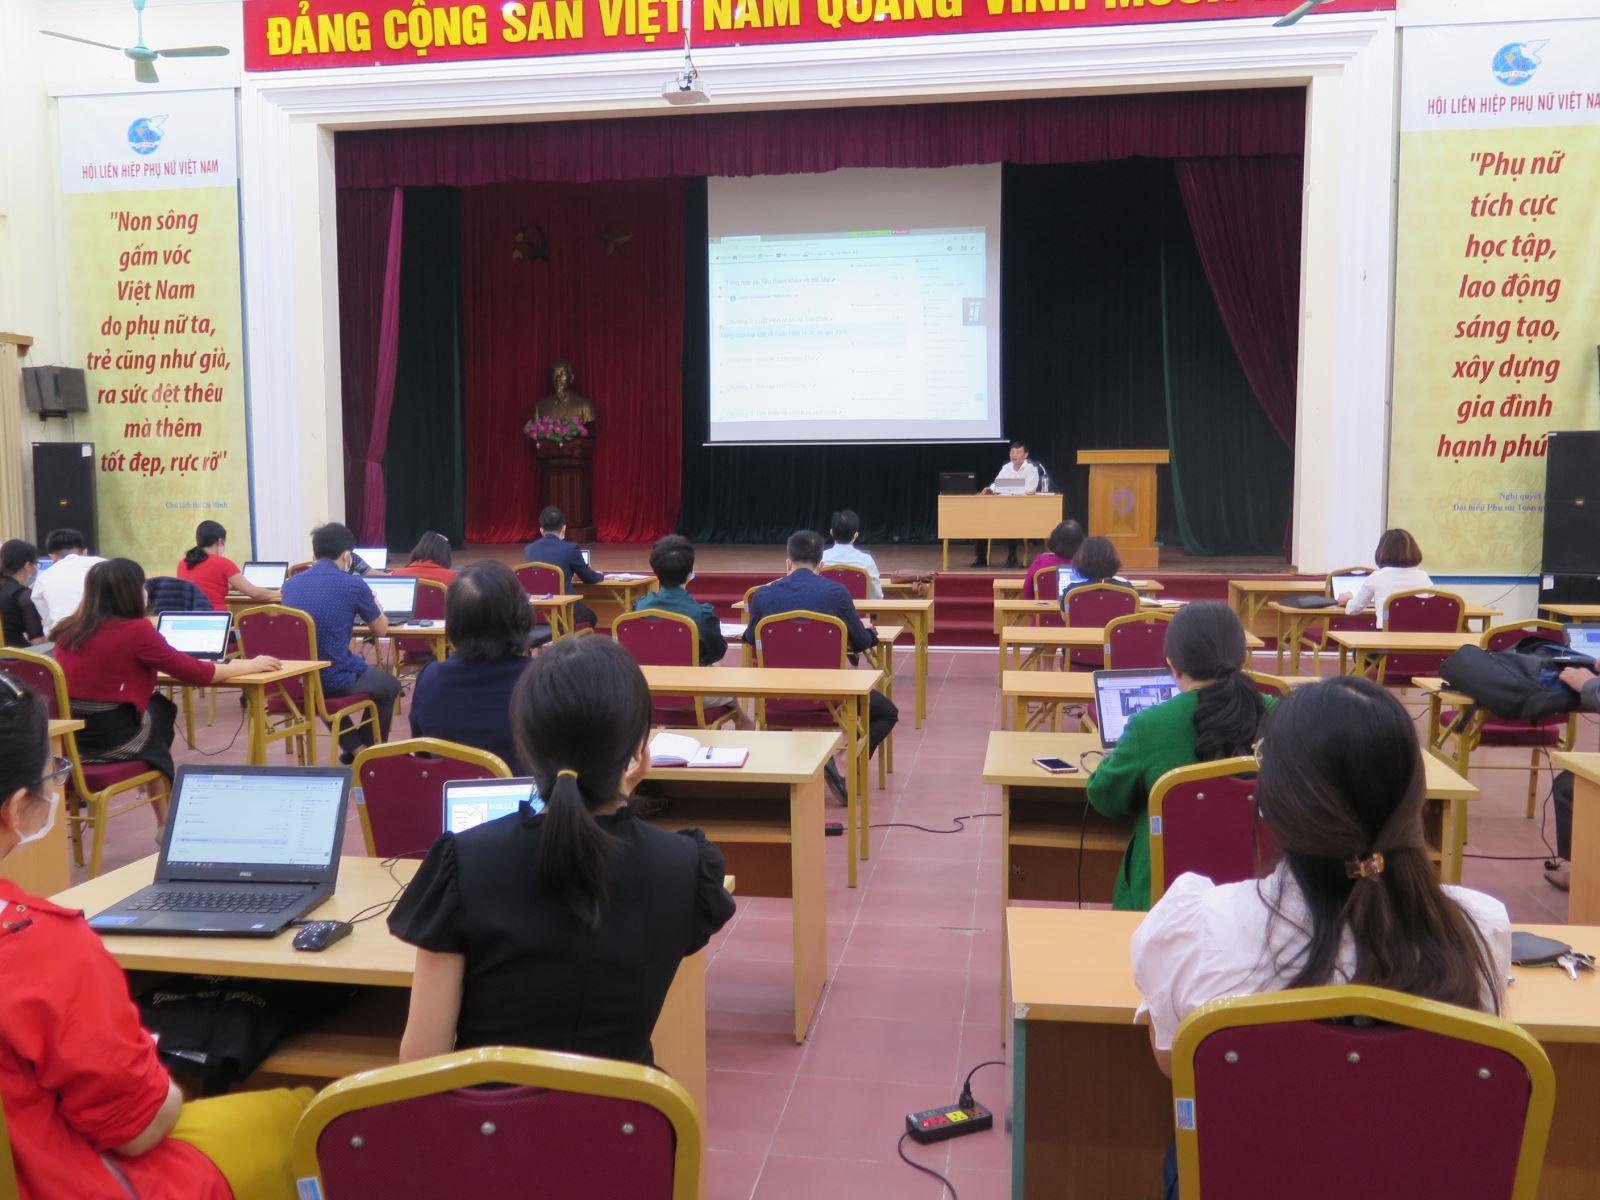 Hội nghị Tập huấn hệ thống quản lý học tập trực tuyến (LMS)